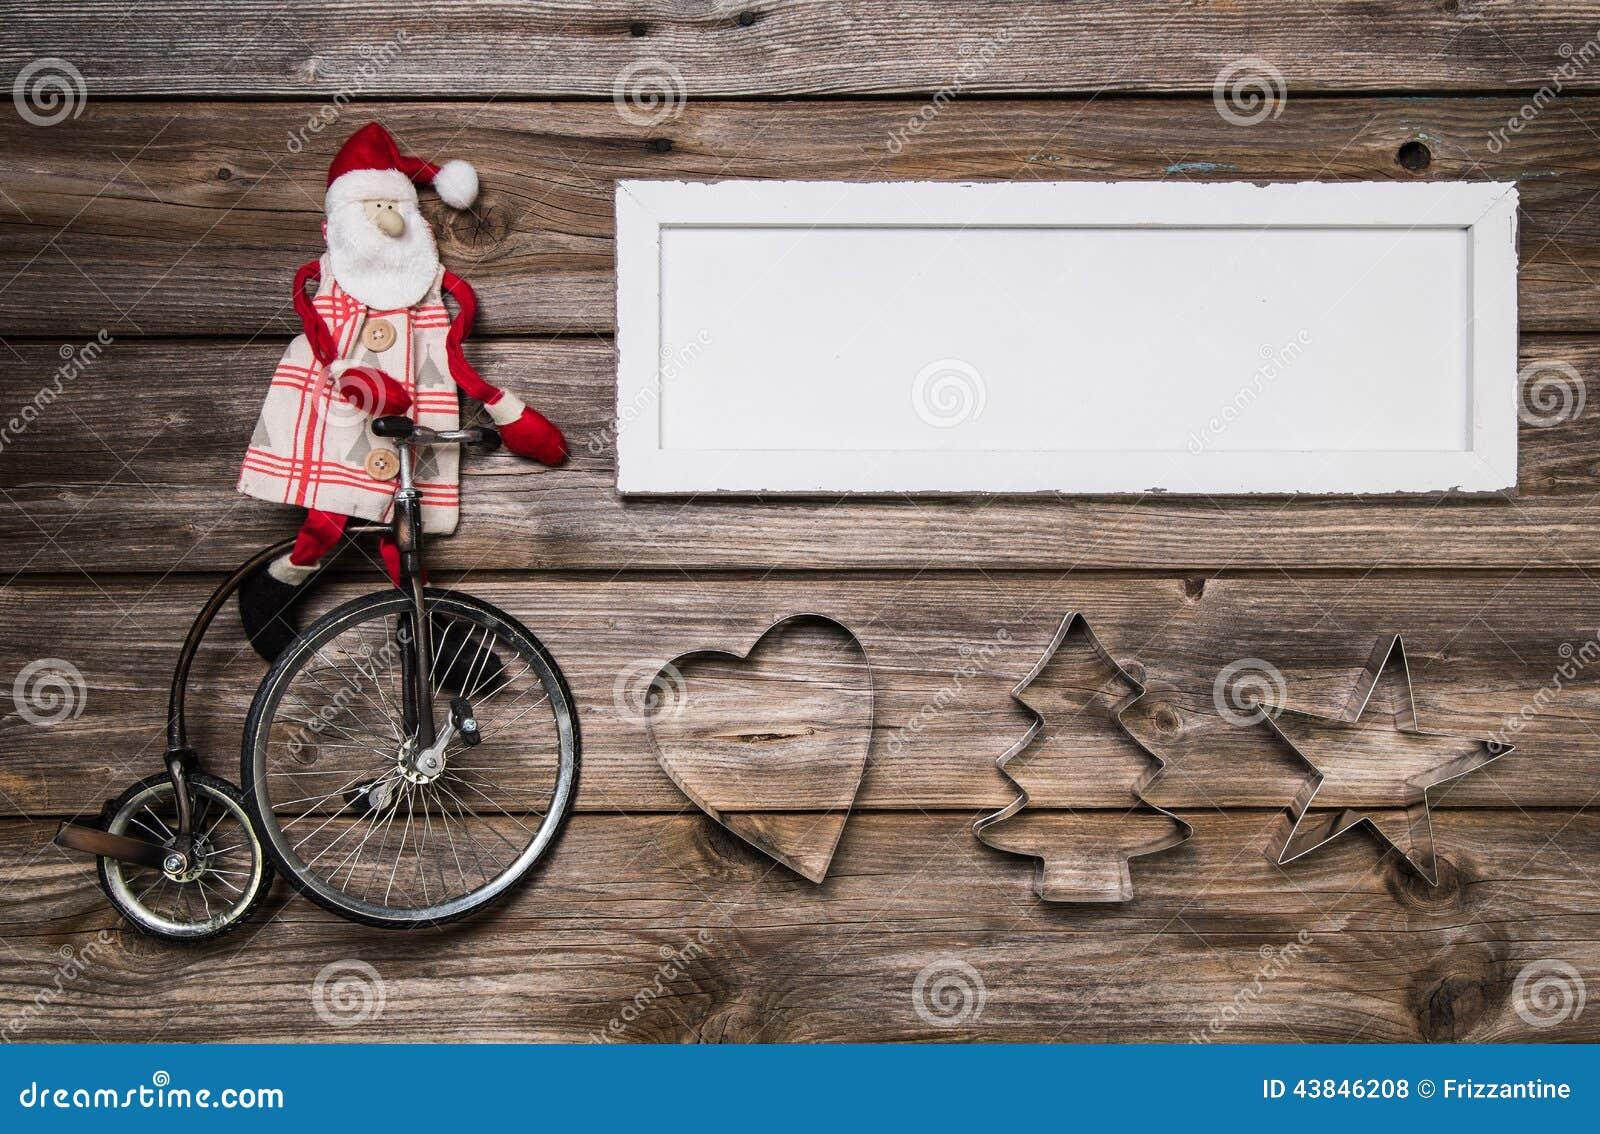 Kartka bożonarodzeniowa lub reklamowy znak z dekoracją czerwoną i białą